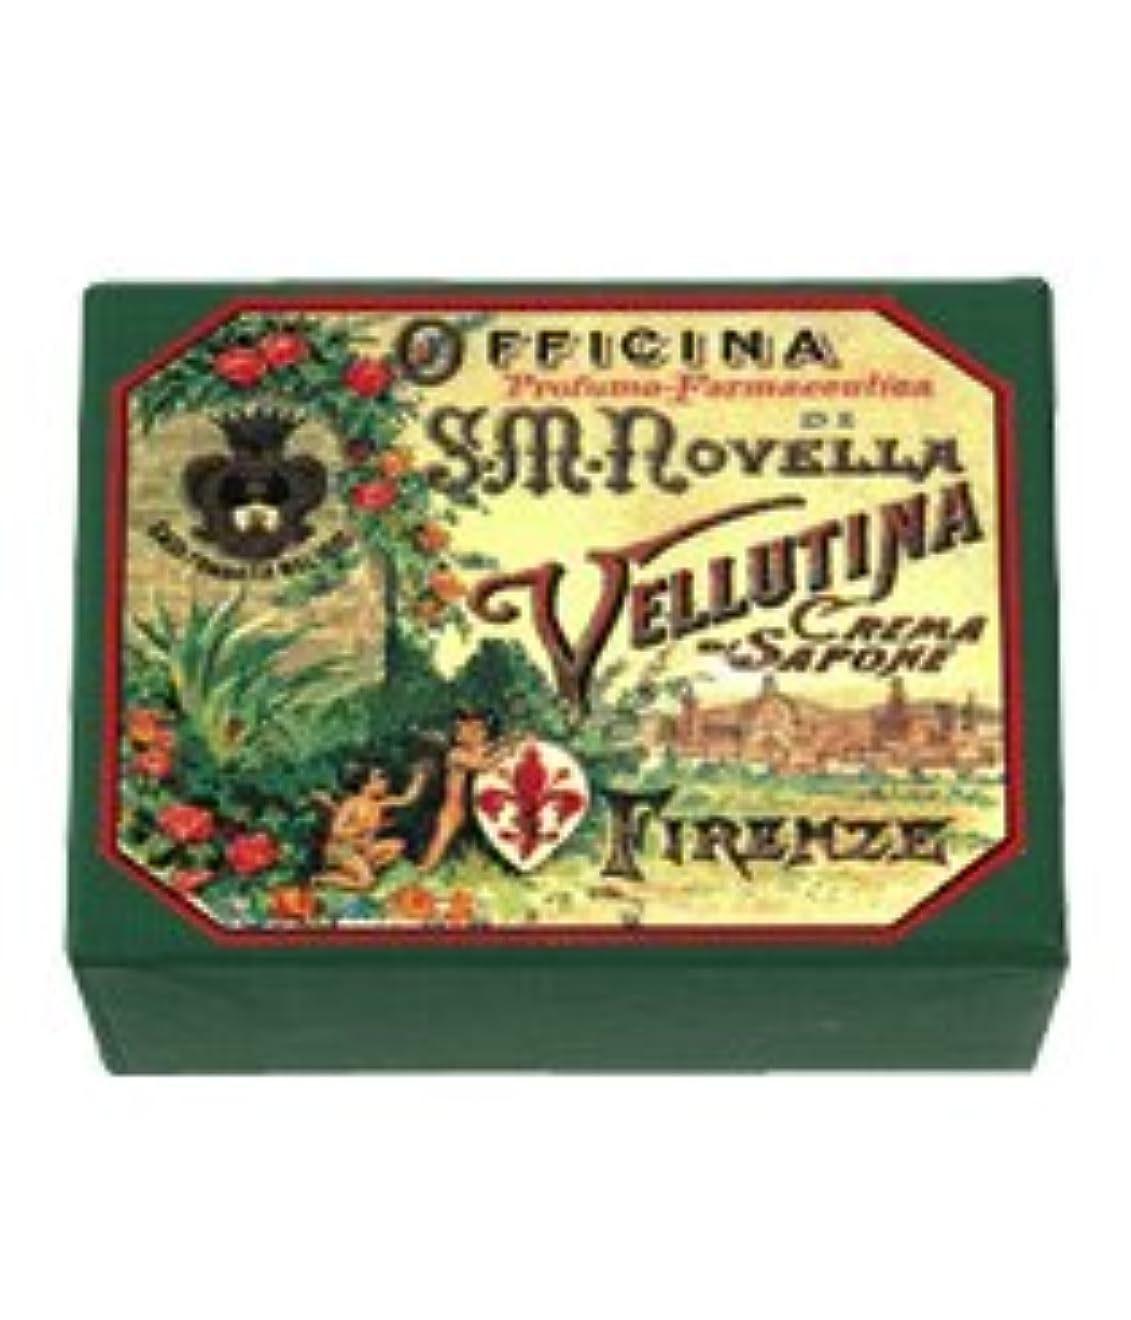 露骨な忌み嫌う低下【Santa Maria Novella(サンタマリアノヴェッラ )】ヴェルティーナソープ 150g Vellutina Crema di Sapone